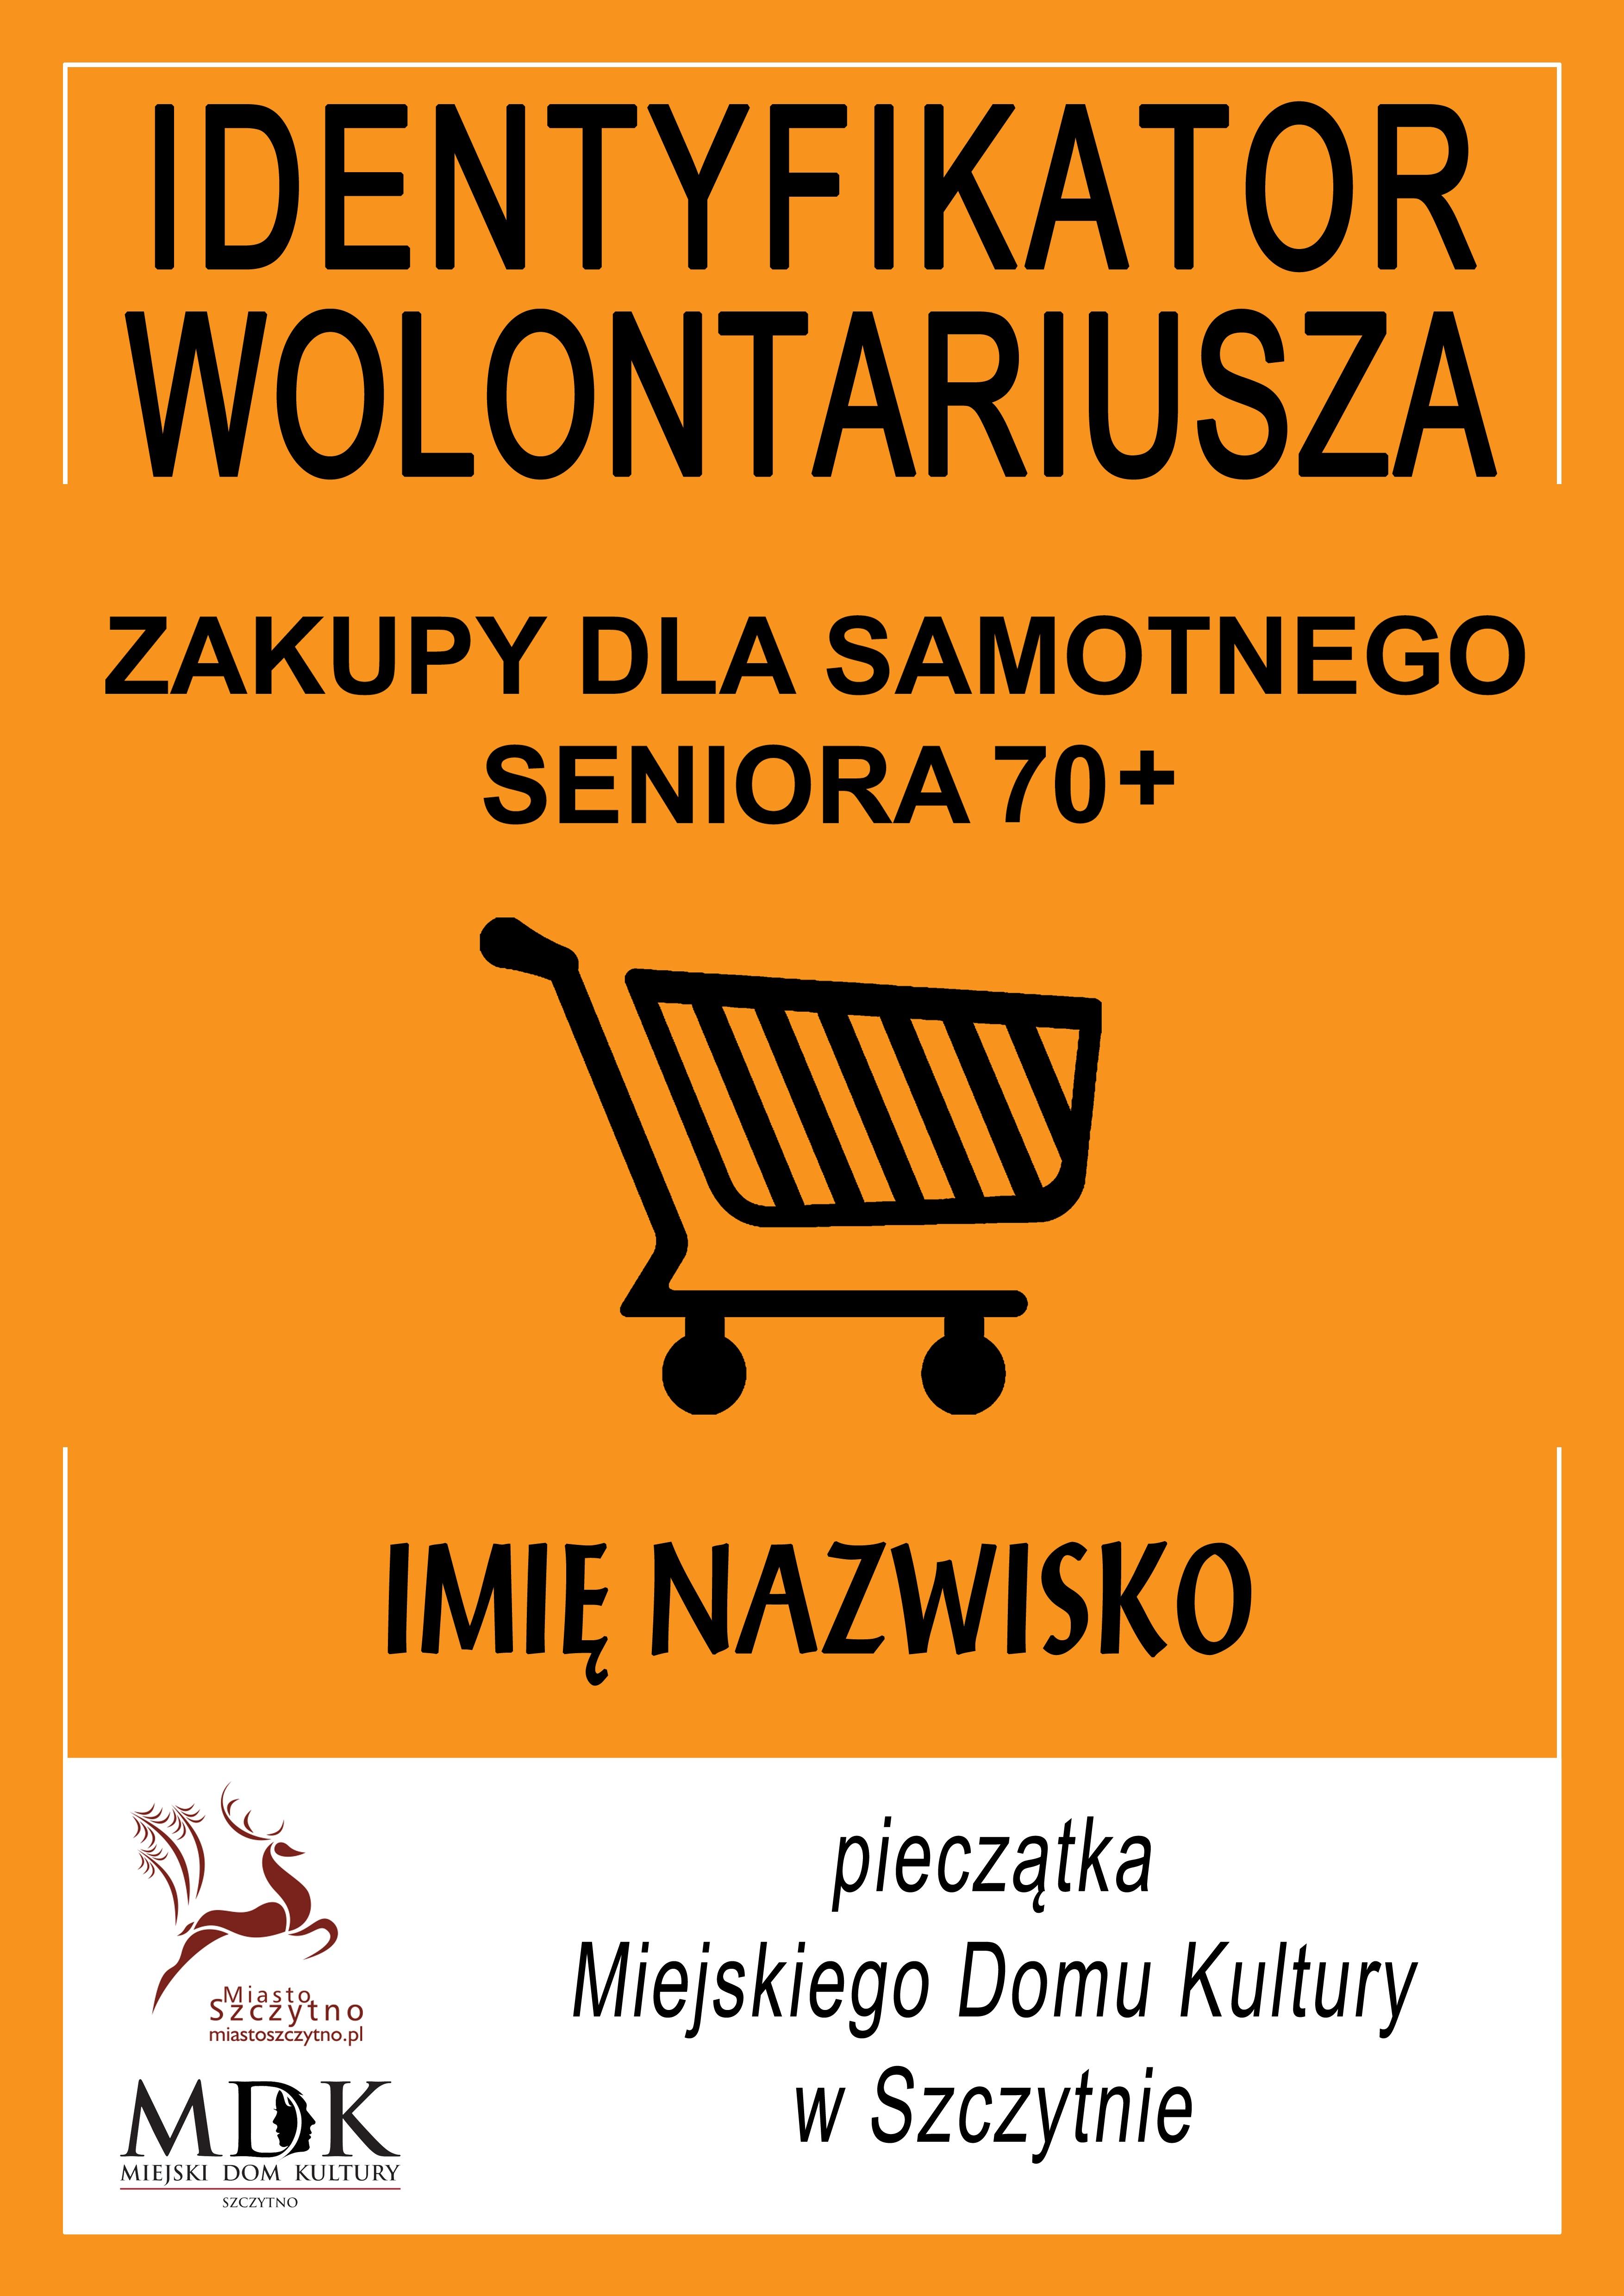 https://m.powiatszczycienski.pl/2020/03/orig/identyfikator-28732.jpg